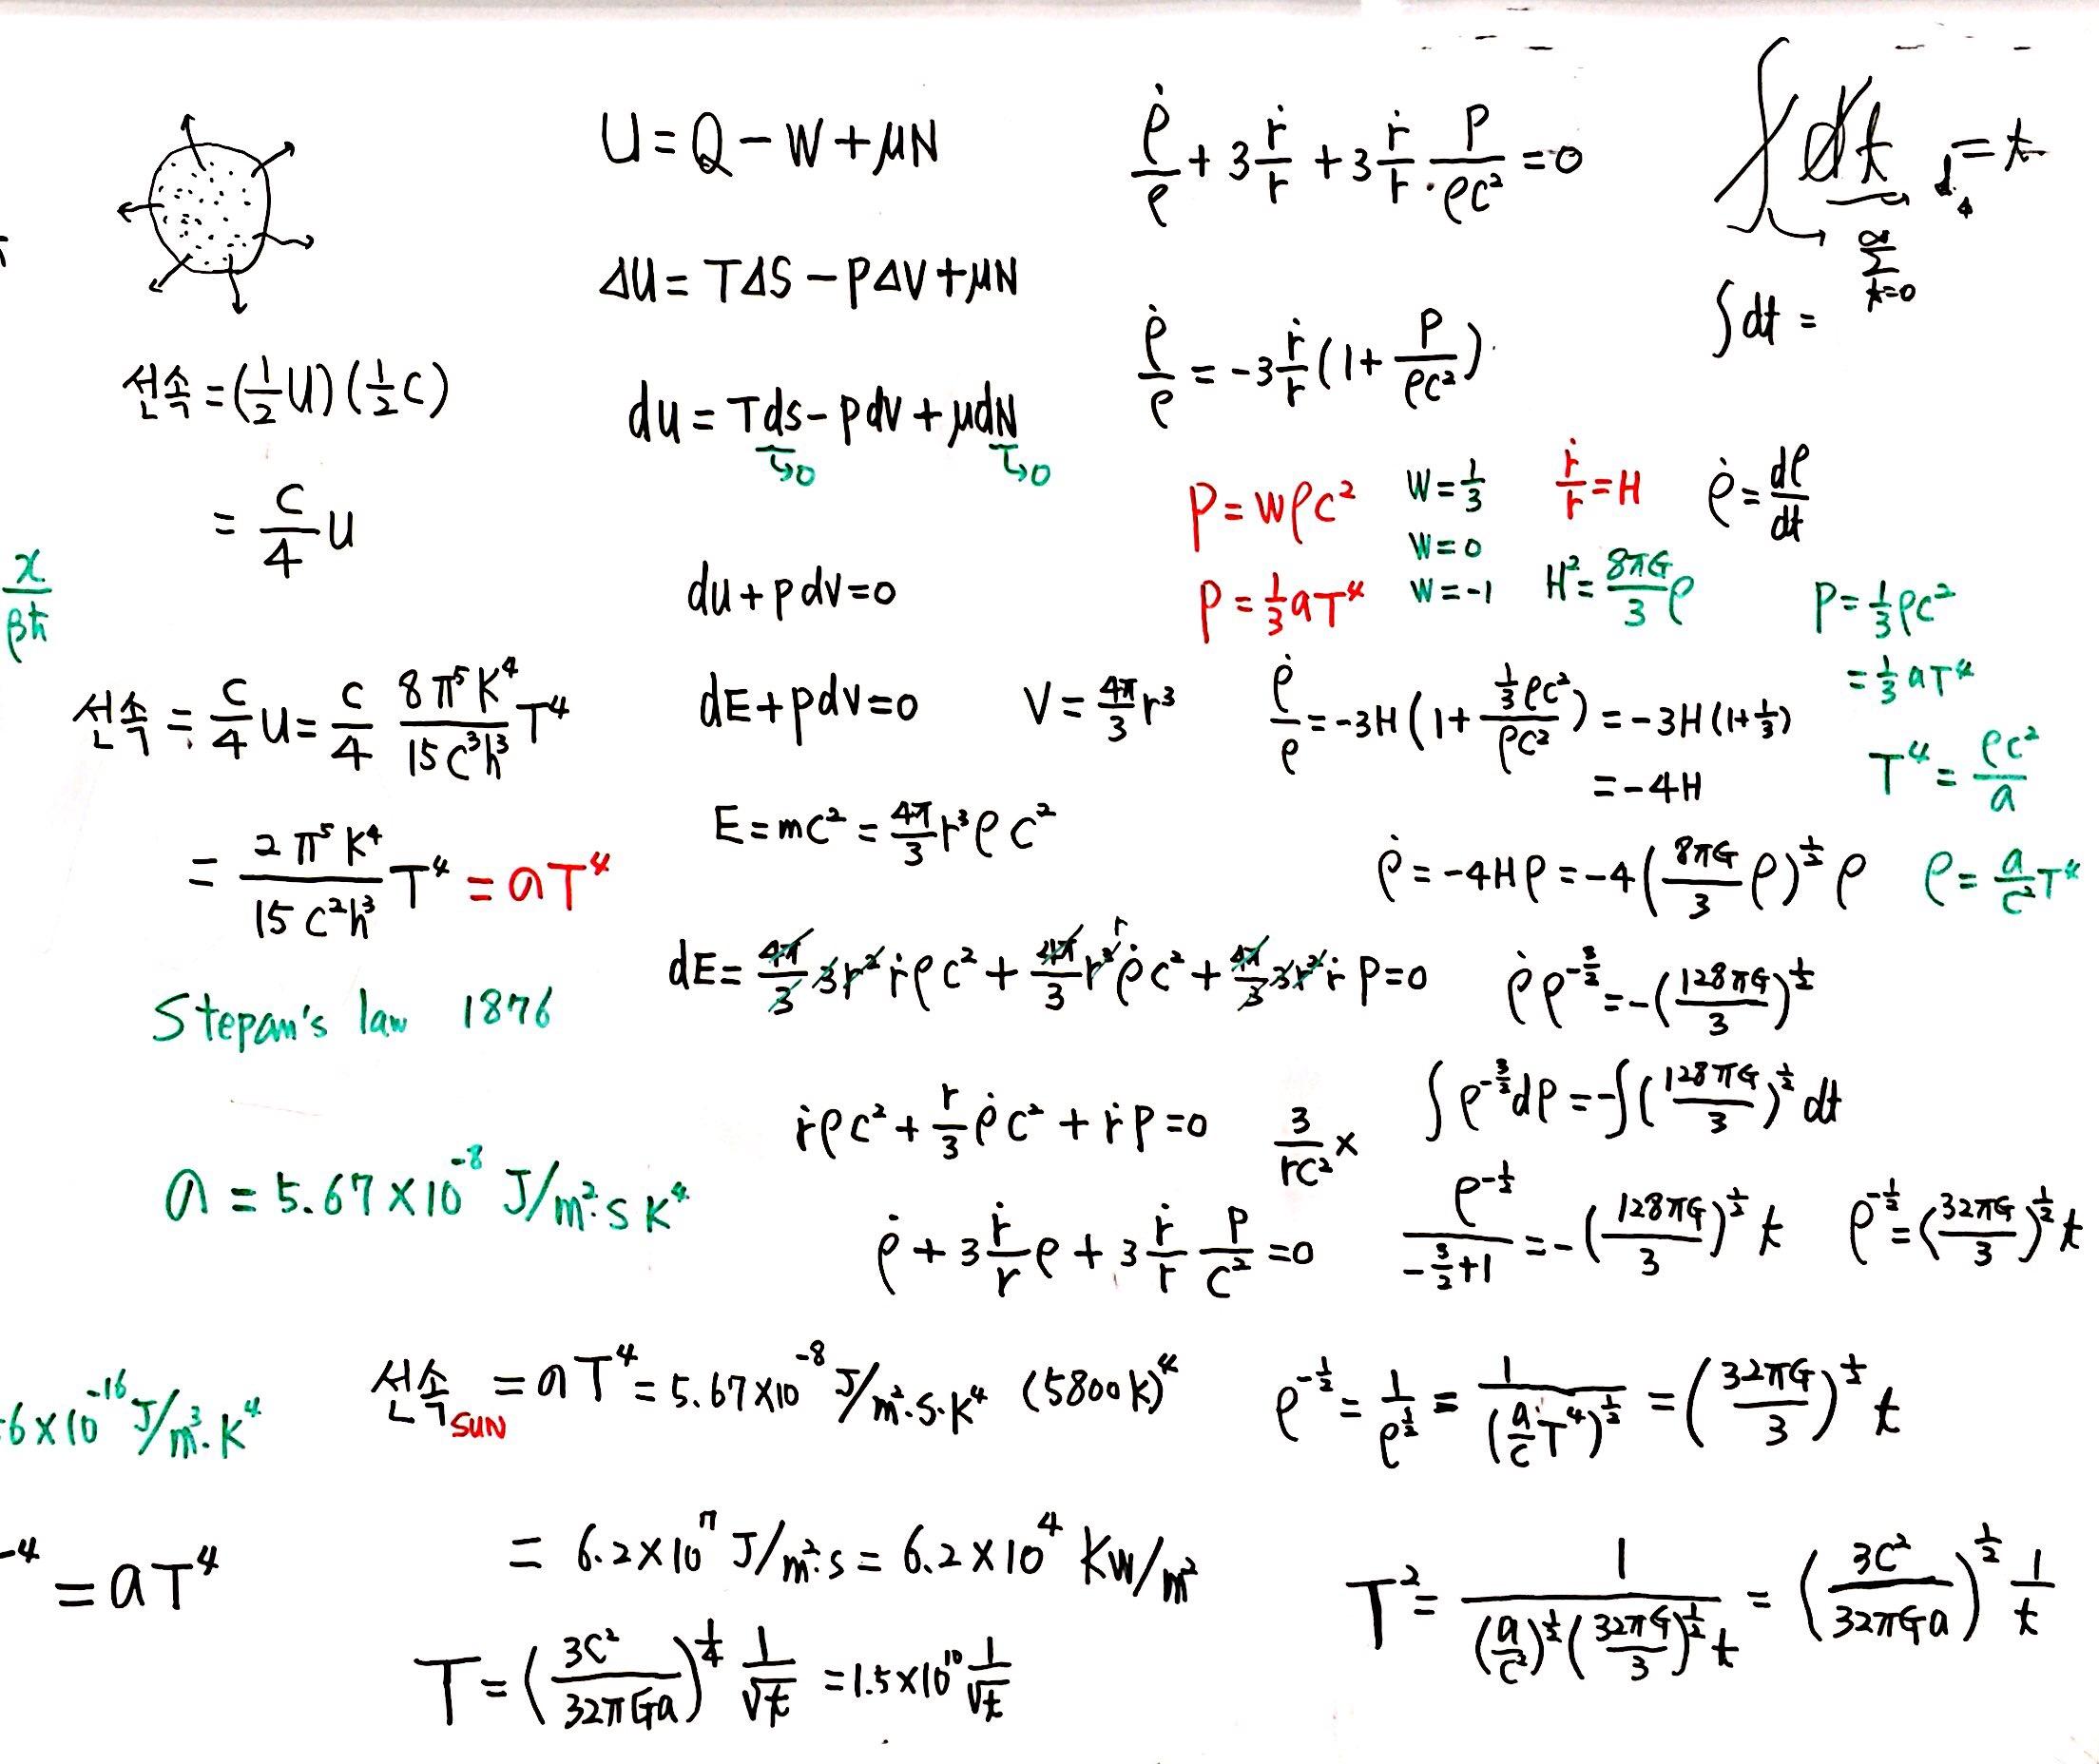 제 7회 137억년 우주진화 1강 열역학1 칠판 스캔 (1).JPG